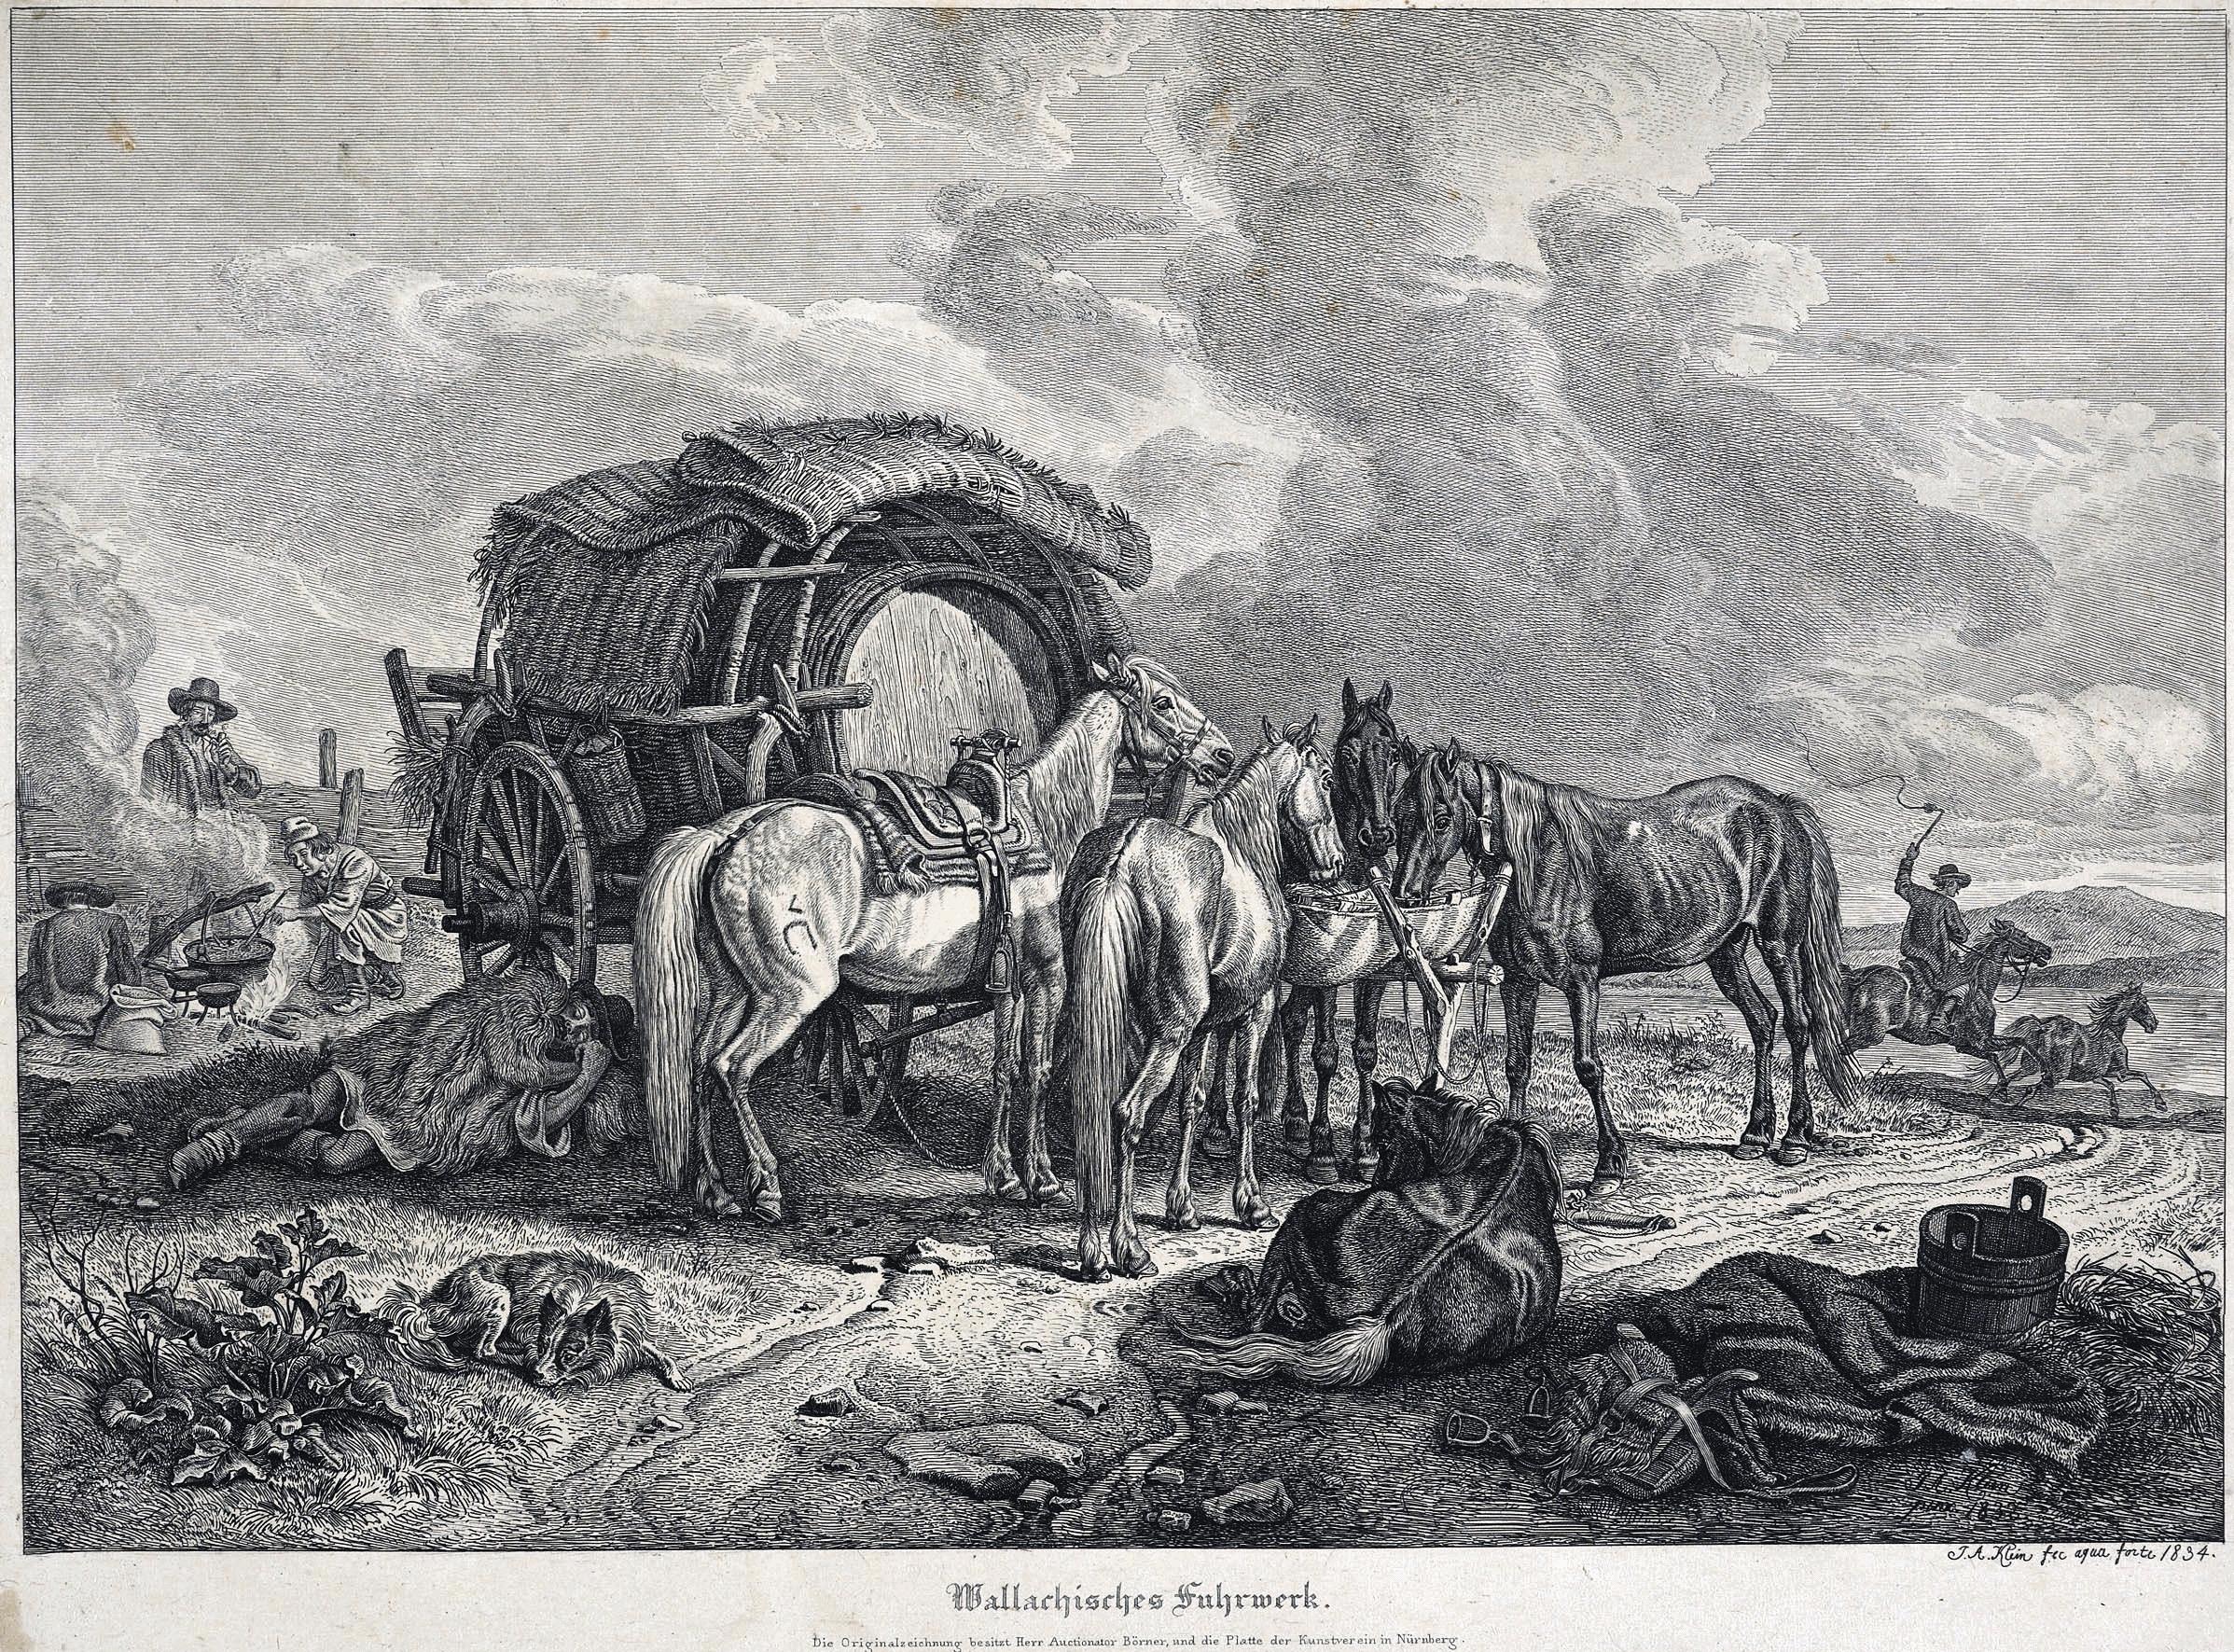 File:Klein - Wallachisches Fuhrwerk, 1832.png